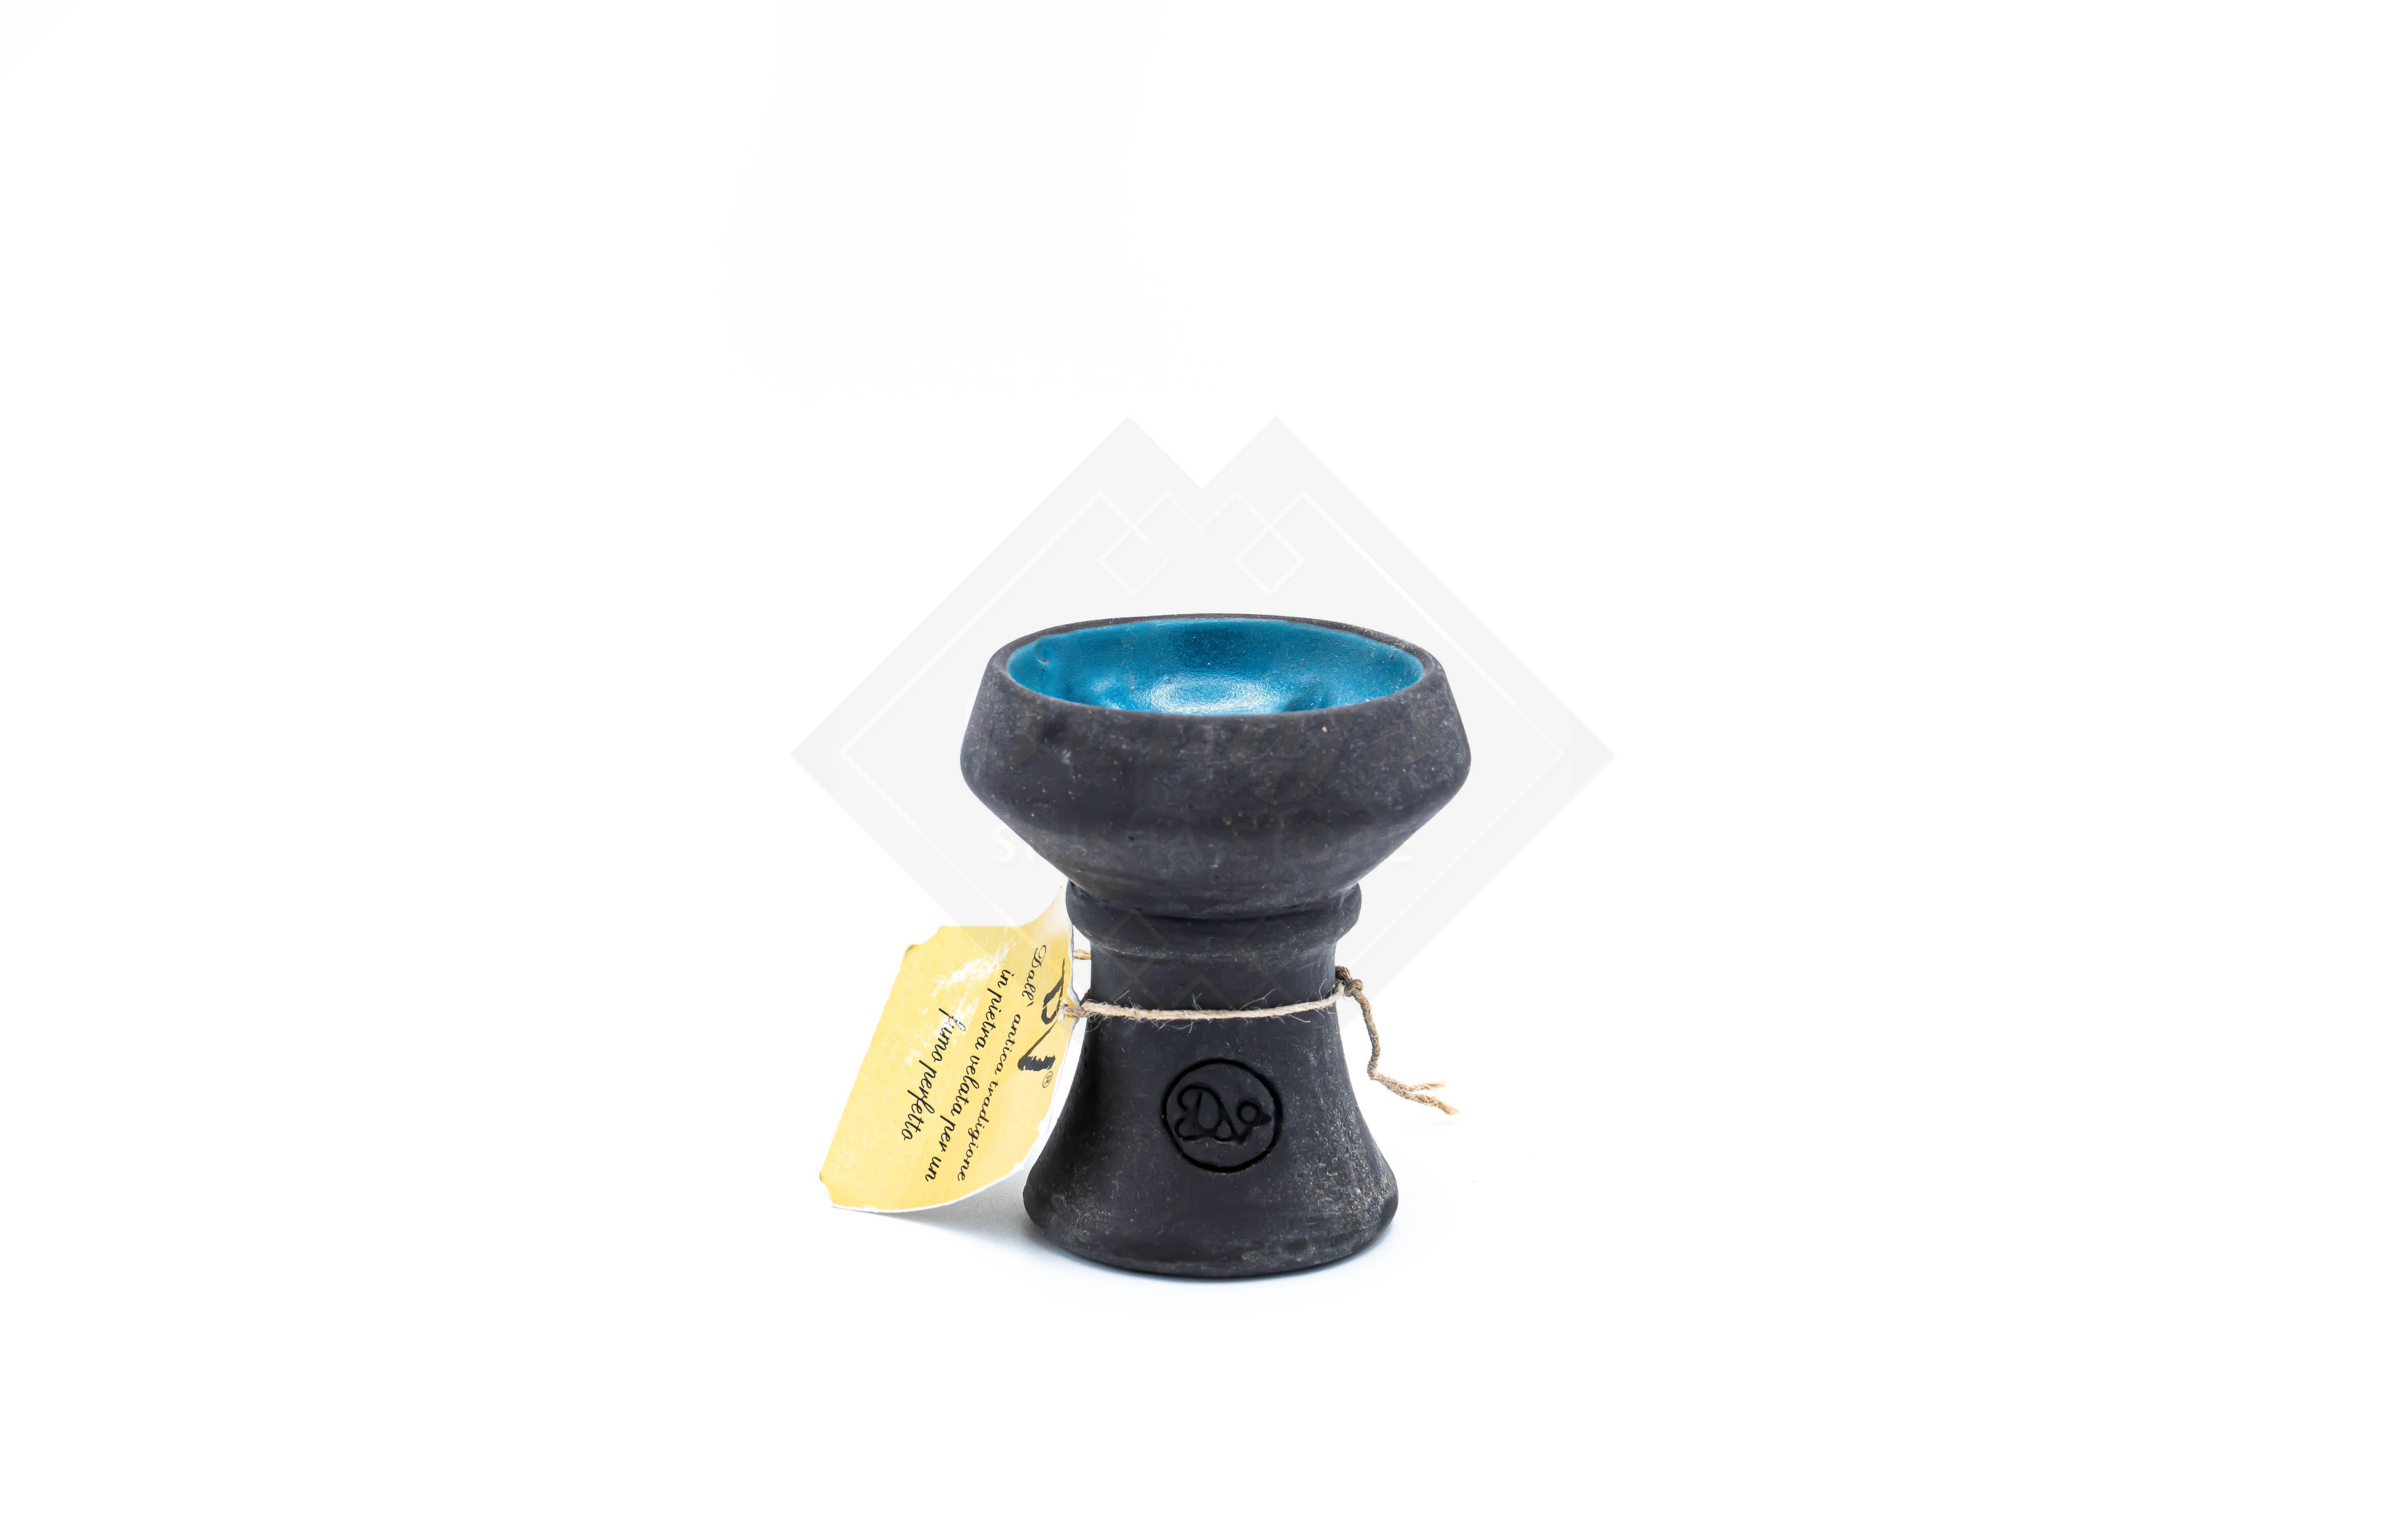 Da Vinci - Steinkopf 2.0 Schwarz/Blau